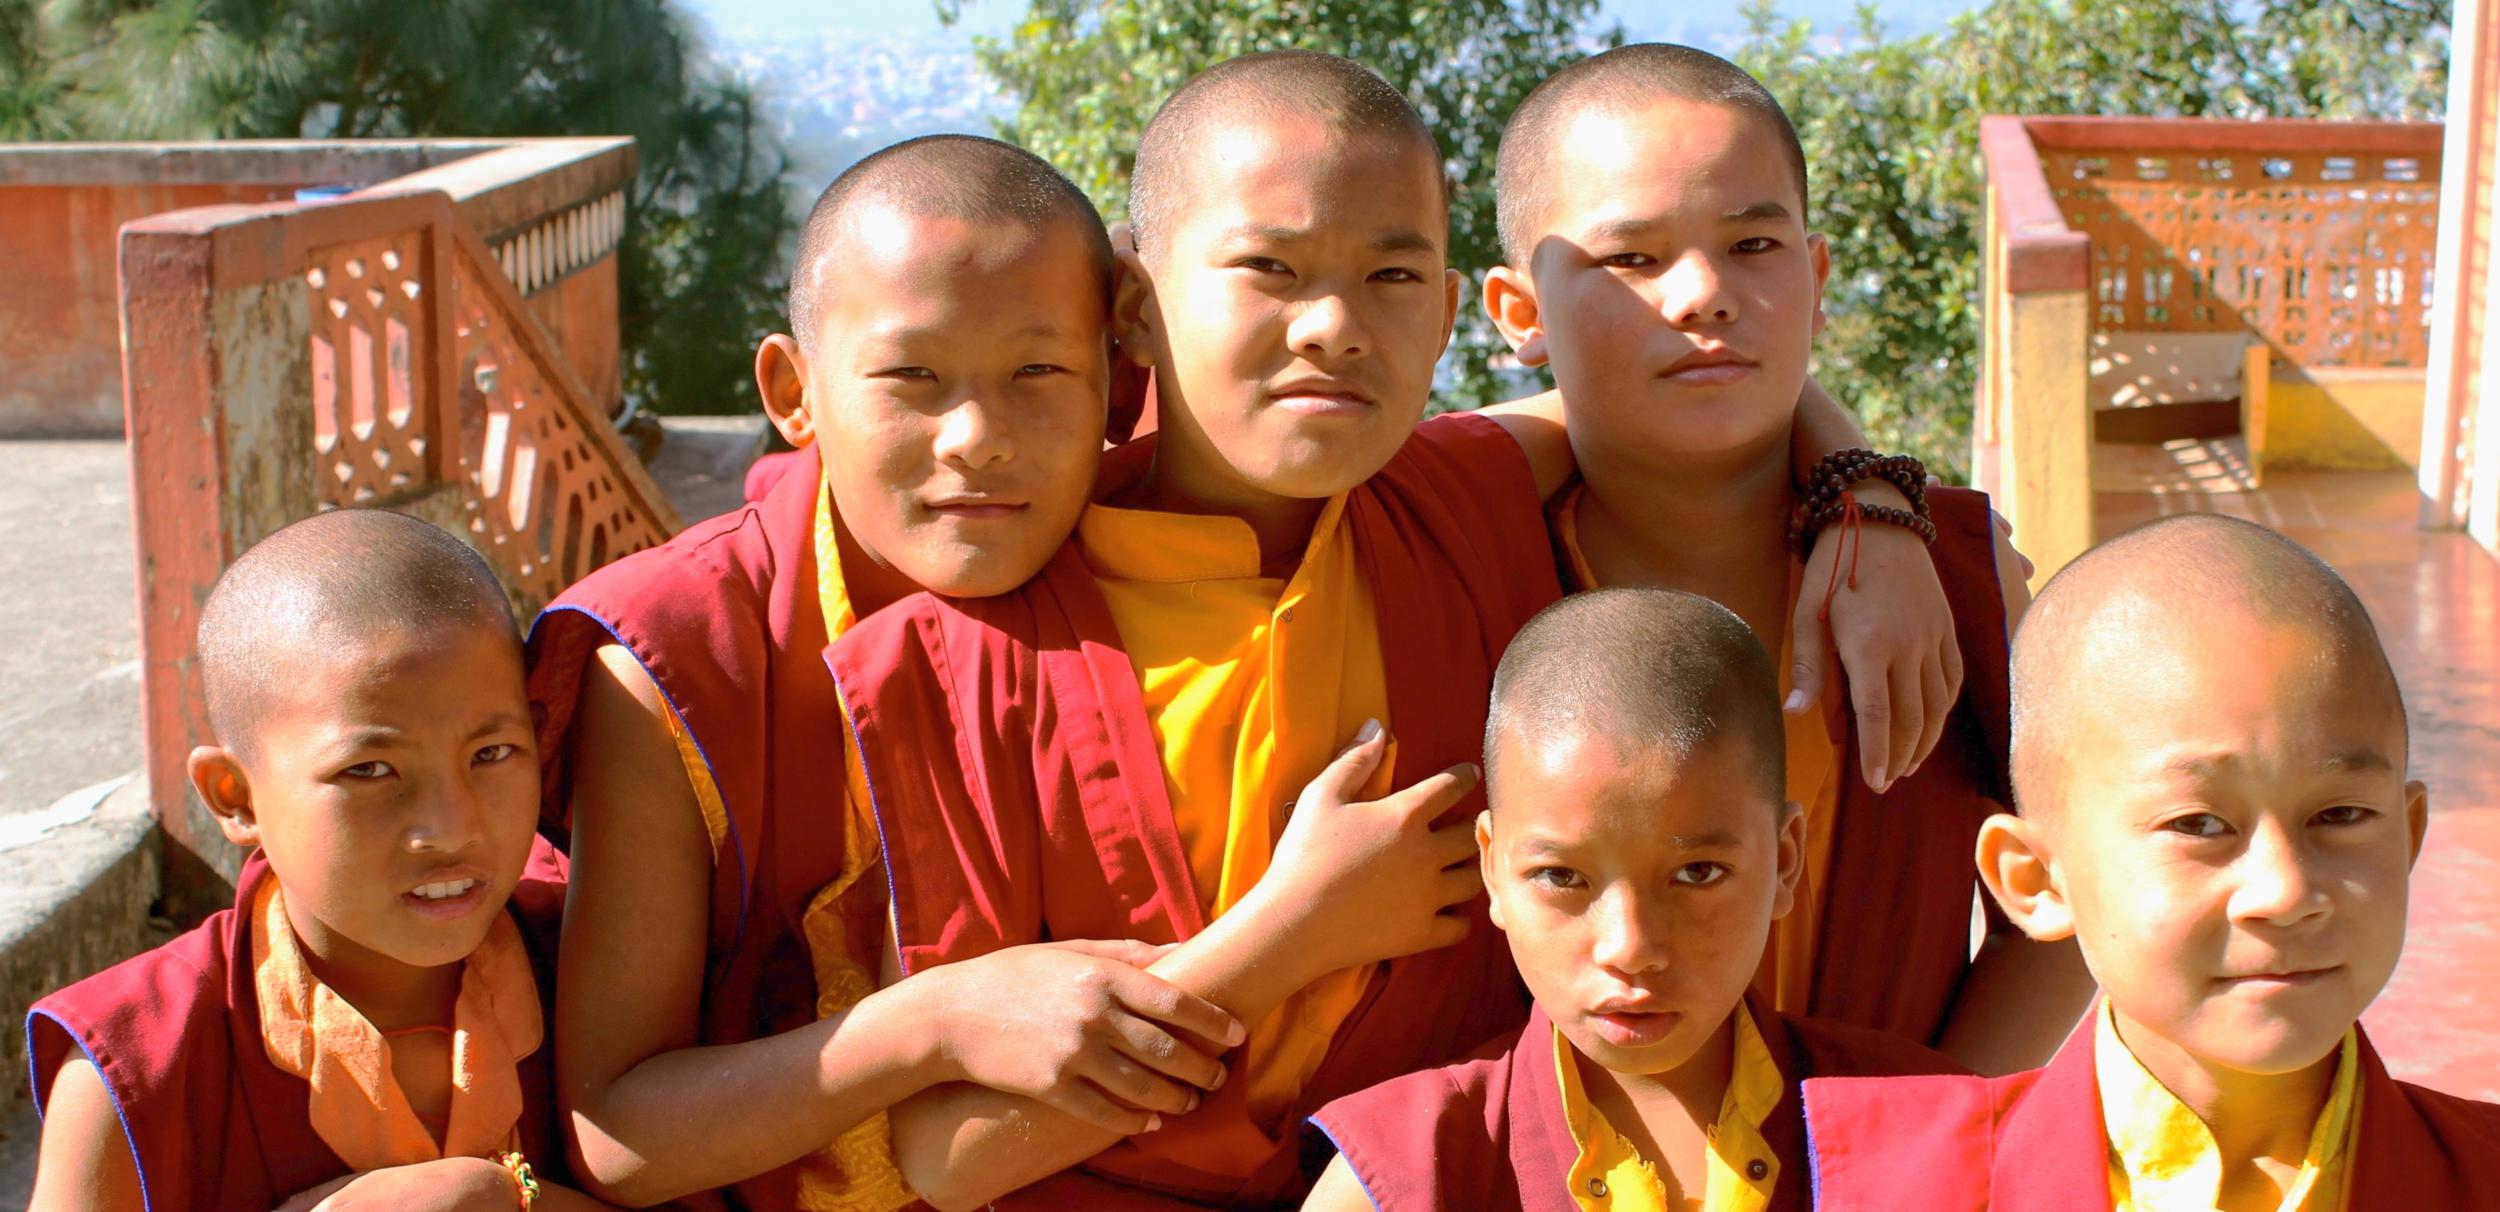 Young monks at  Matepani Gumba